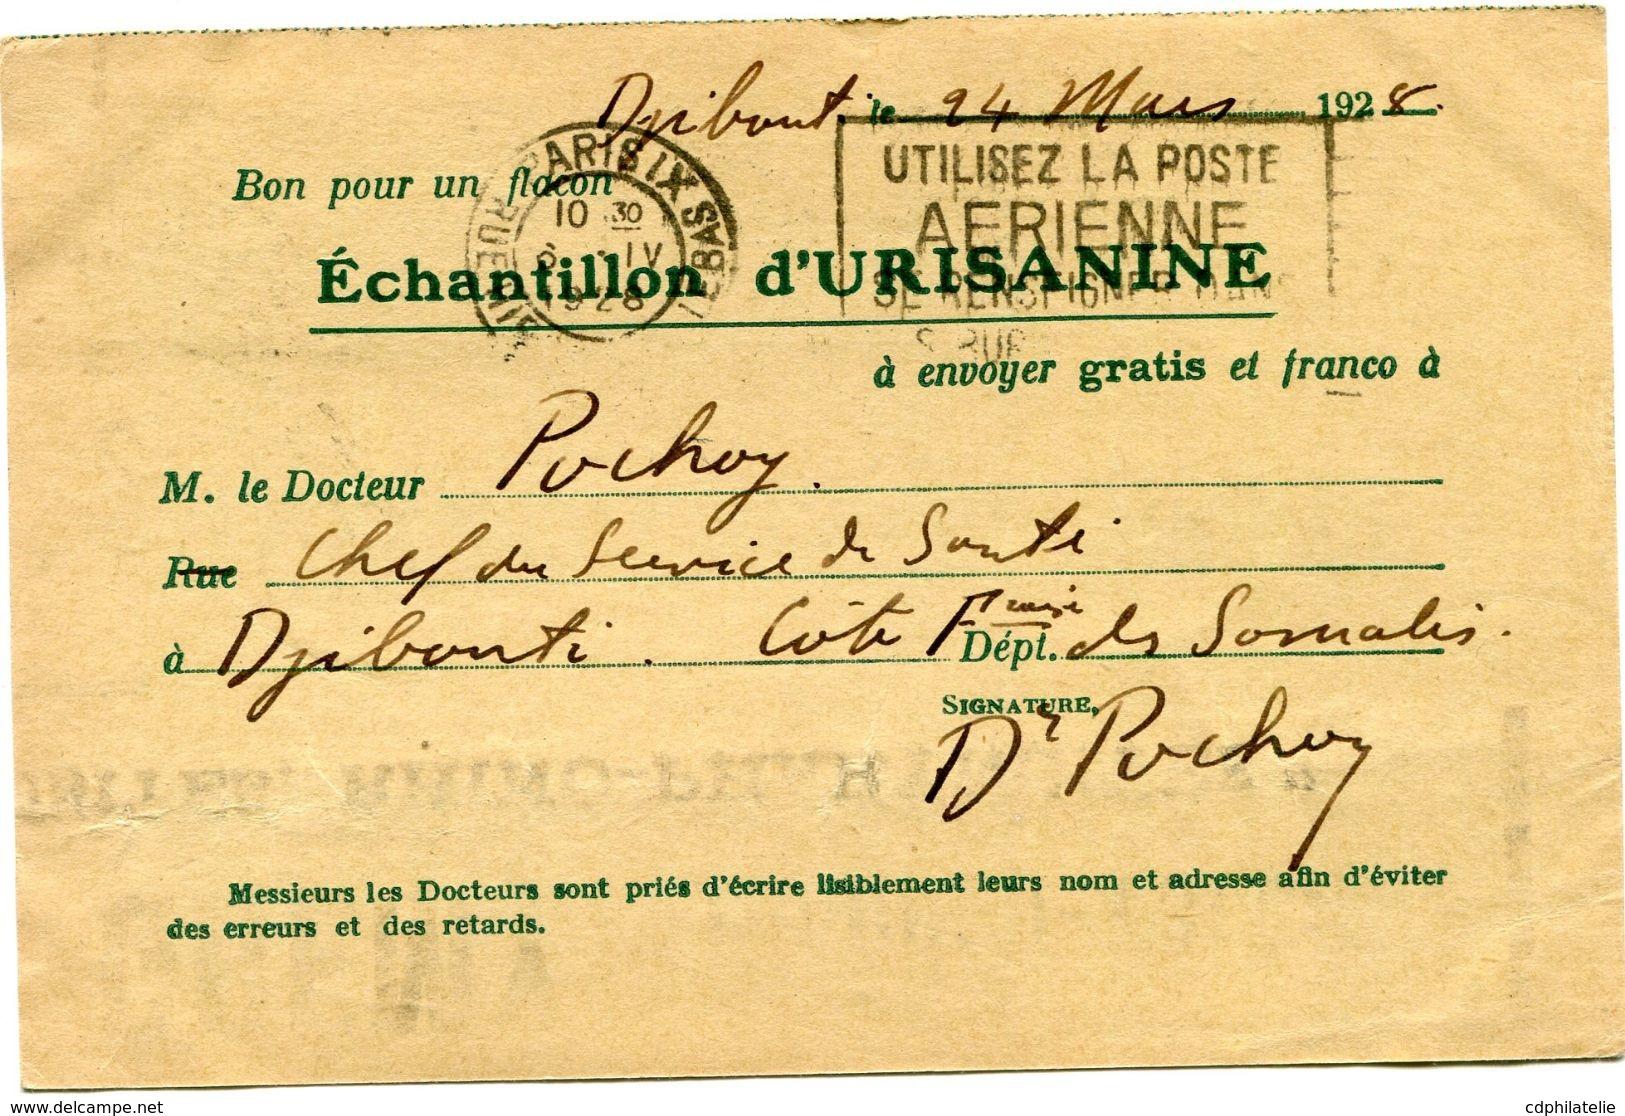 COTE FRANCAISE DES SOMALIS CARTE POSTALE BON POUR FLACON ECHANTILLON D'URISANINE DEPART DJIBOUTI 23 MAR 28 POUR LA ..... - Côte Française Des Somalis (1894-1967)